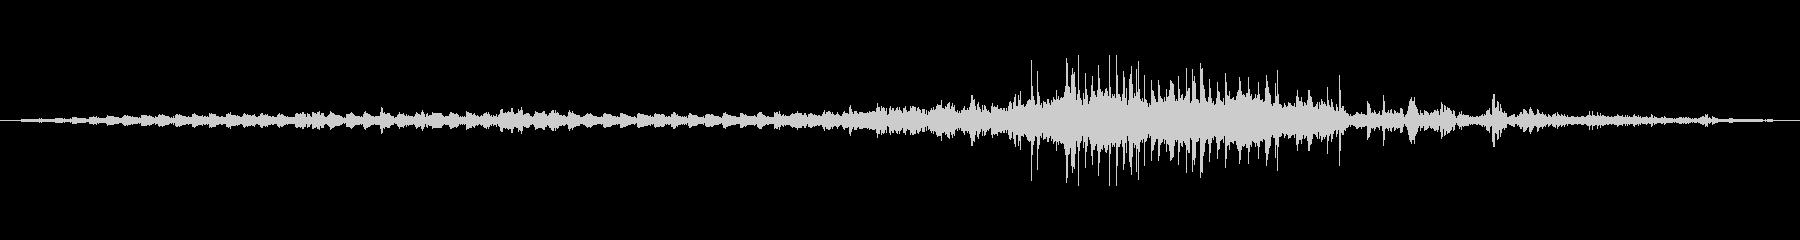 【環境音】踏切の音(川崎大師)の未再生の波形